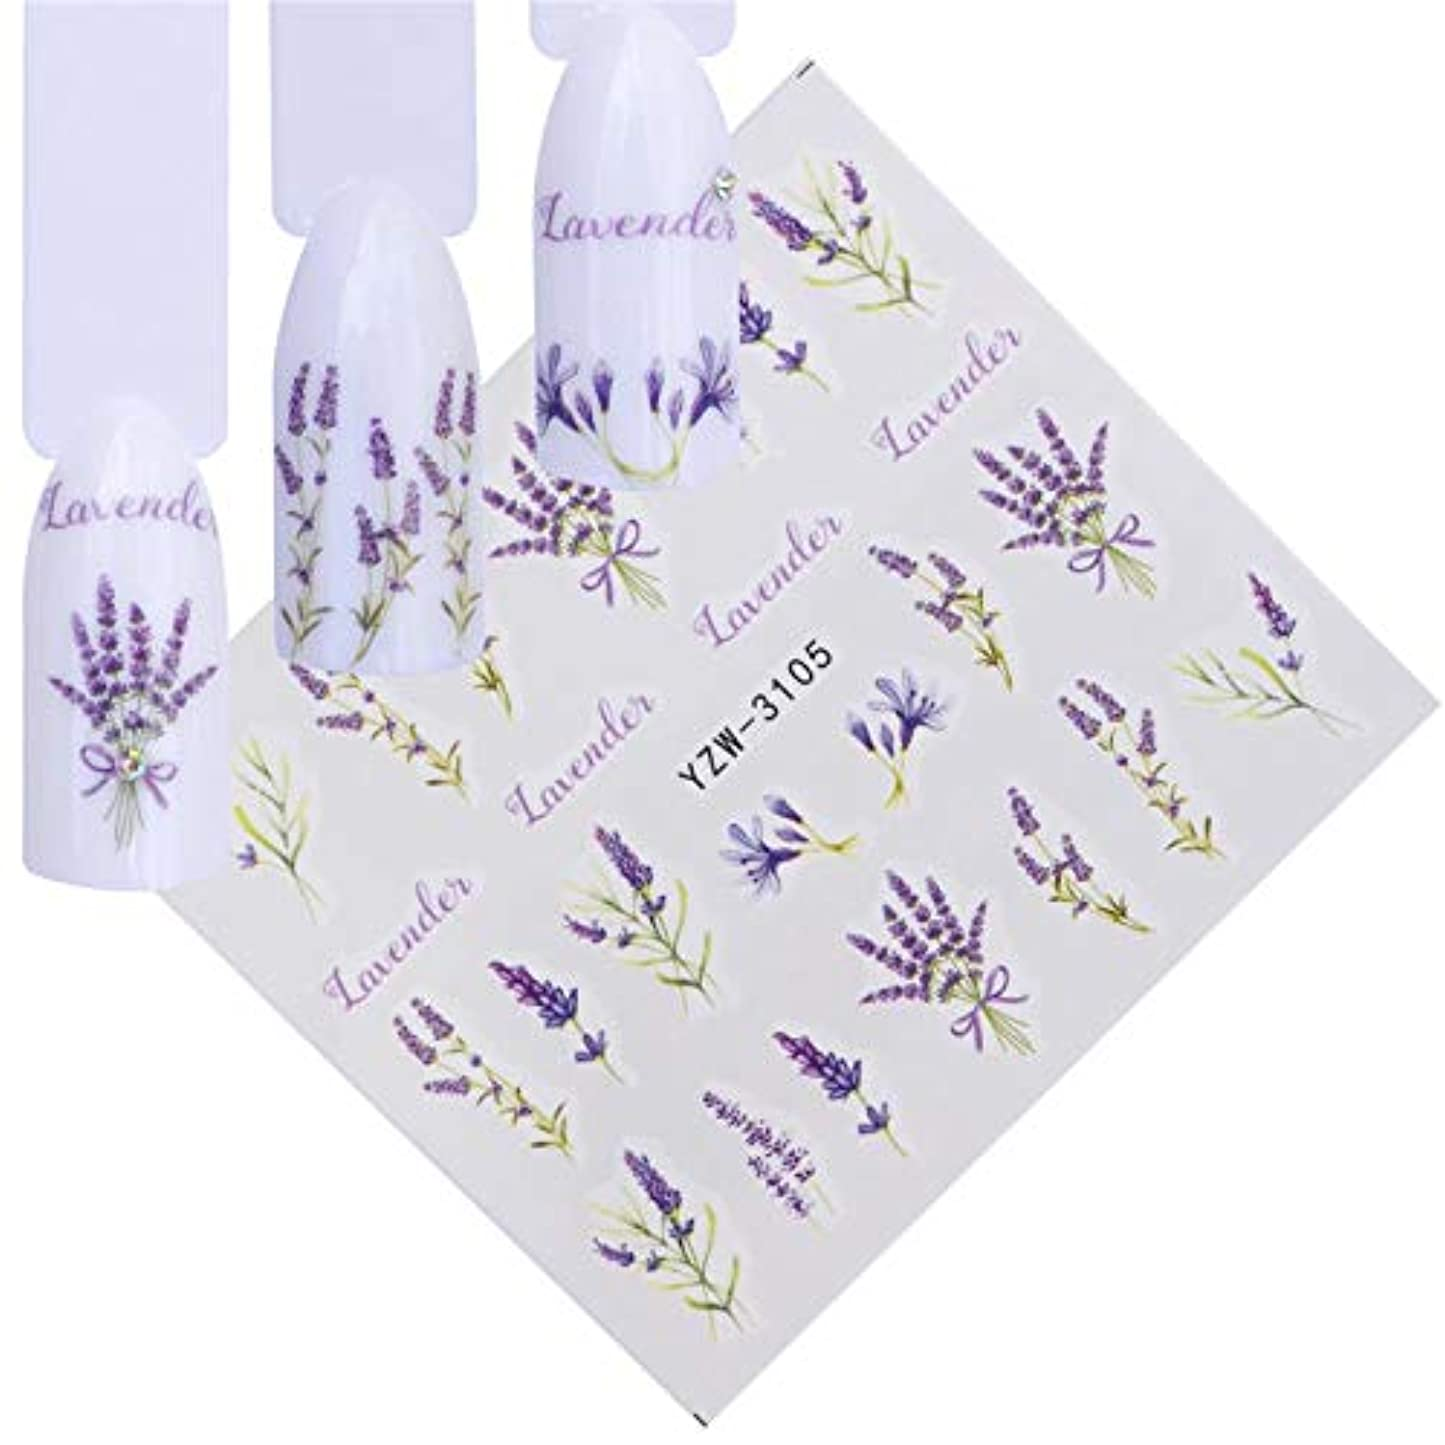 スーパーマーケットボイコット叙情的なSUKTI&XIAO ネイルステッカー 装飾スライダー、Yzw-3105のための美のスライダーの釘水ステッカーの花の咲く多彩なイメージの釘の芸術のステッカー